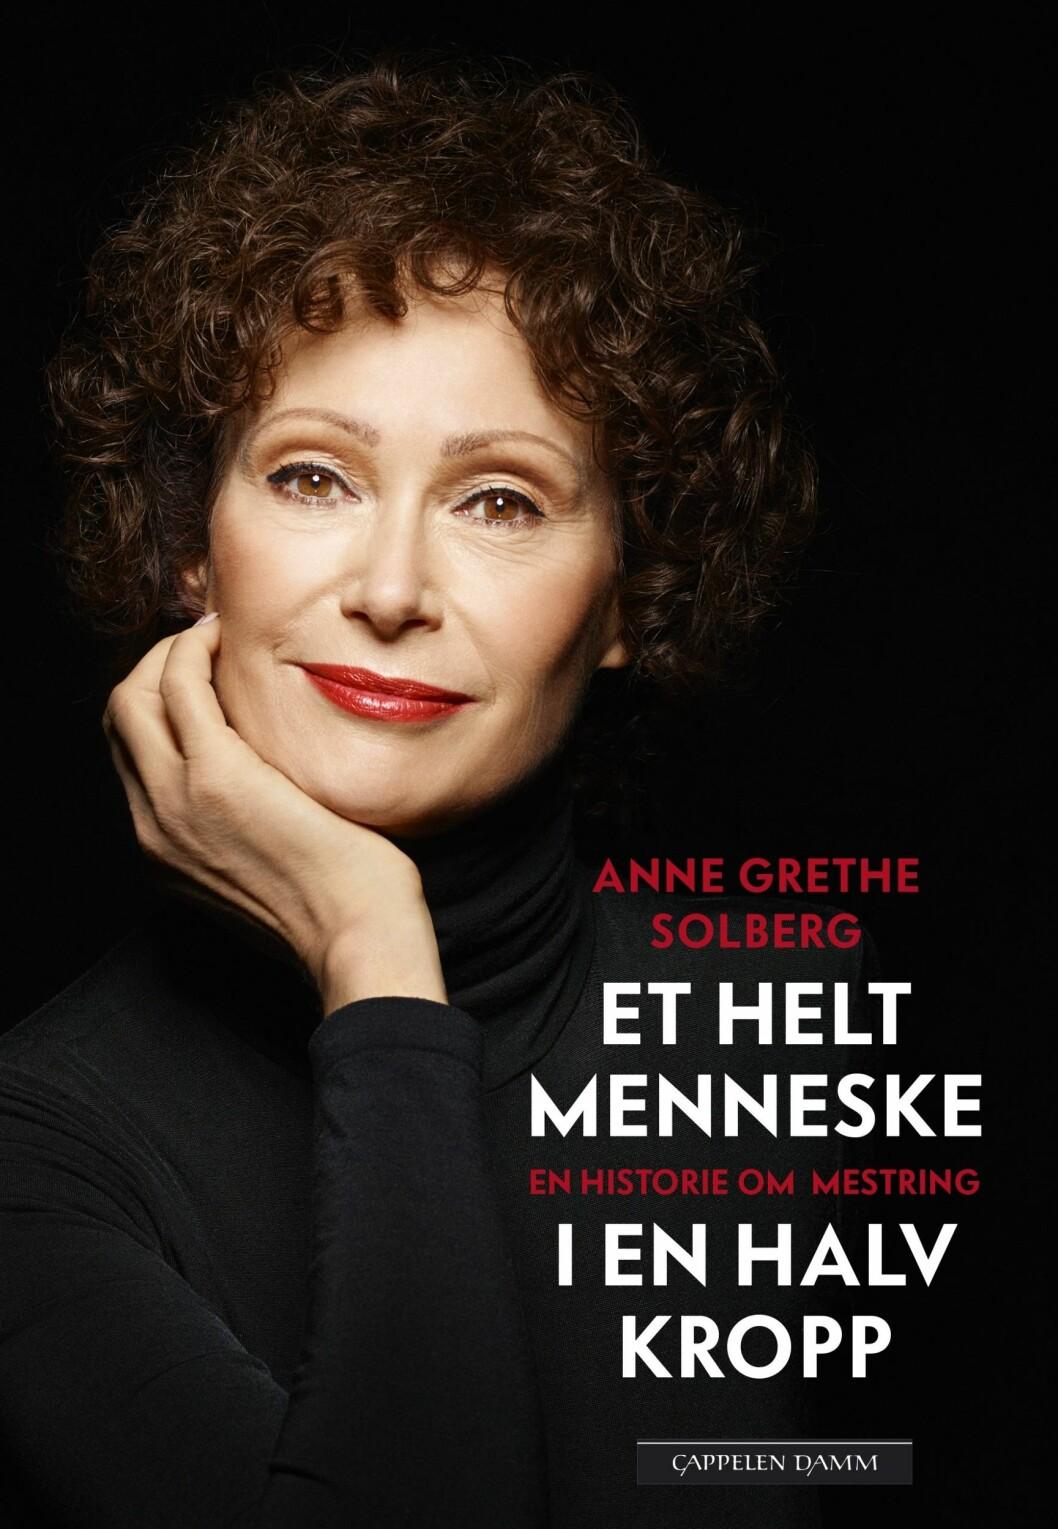 TIL INSPIRASJON: – Boken skal være til inspirasjon. Jeg har, i tillegg til historien min, skrevet om ti mestringsstrategier når livet butter, sier Anne Grethe.